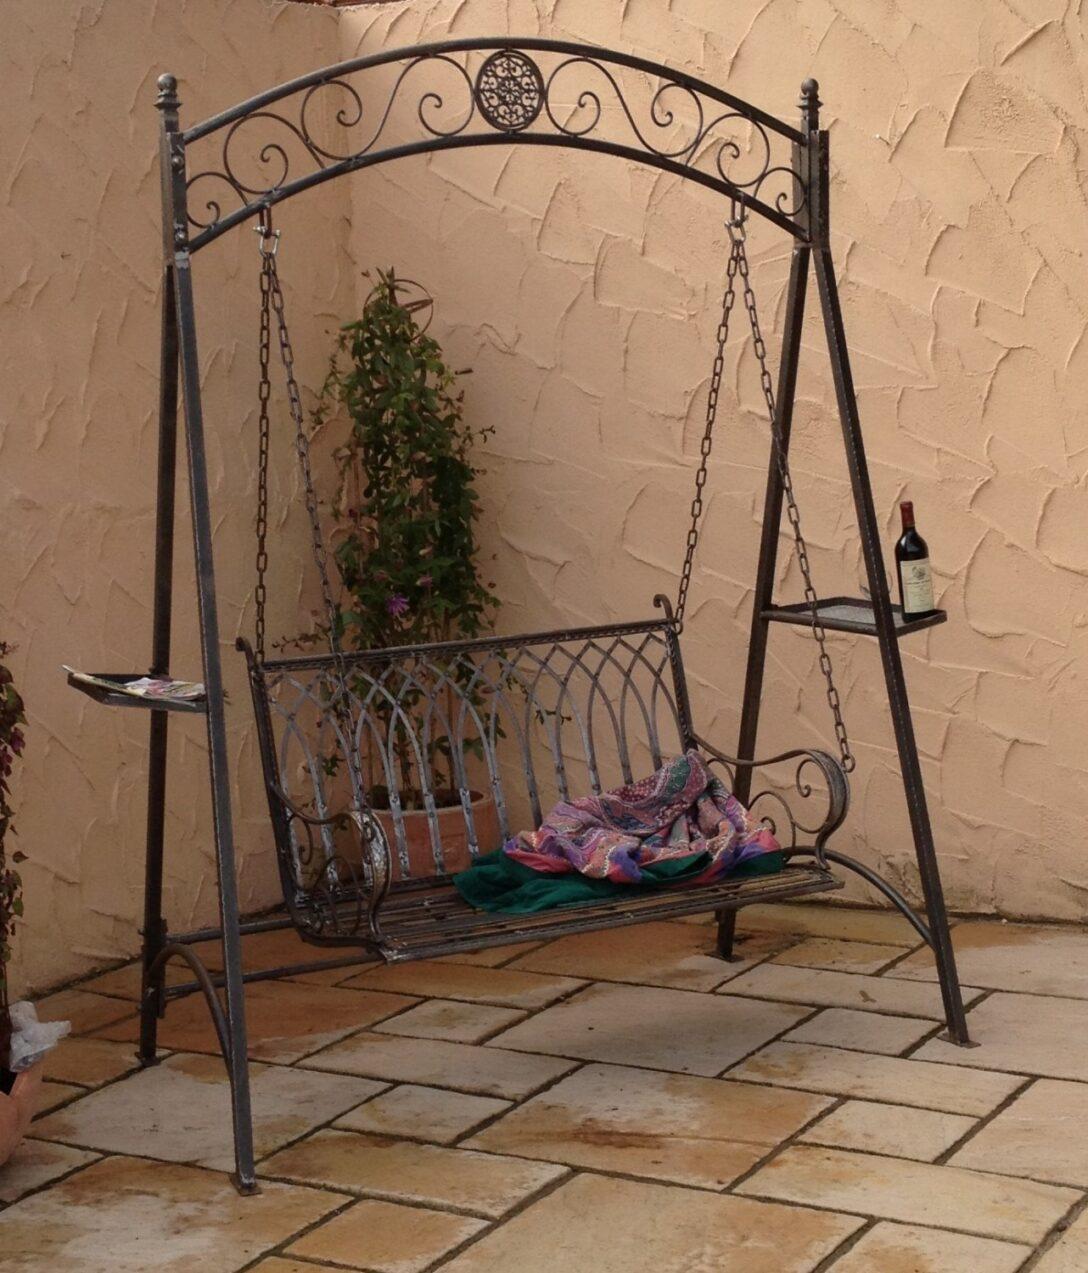 Large Size of Gartenschaukel Metall Landhaus Eisen Schmiedeeisen Hollywood Garten Schaukel Romantico Bett Regale Regal Weiß Wohnzimmer Gartenschaukel Metall